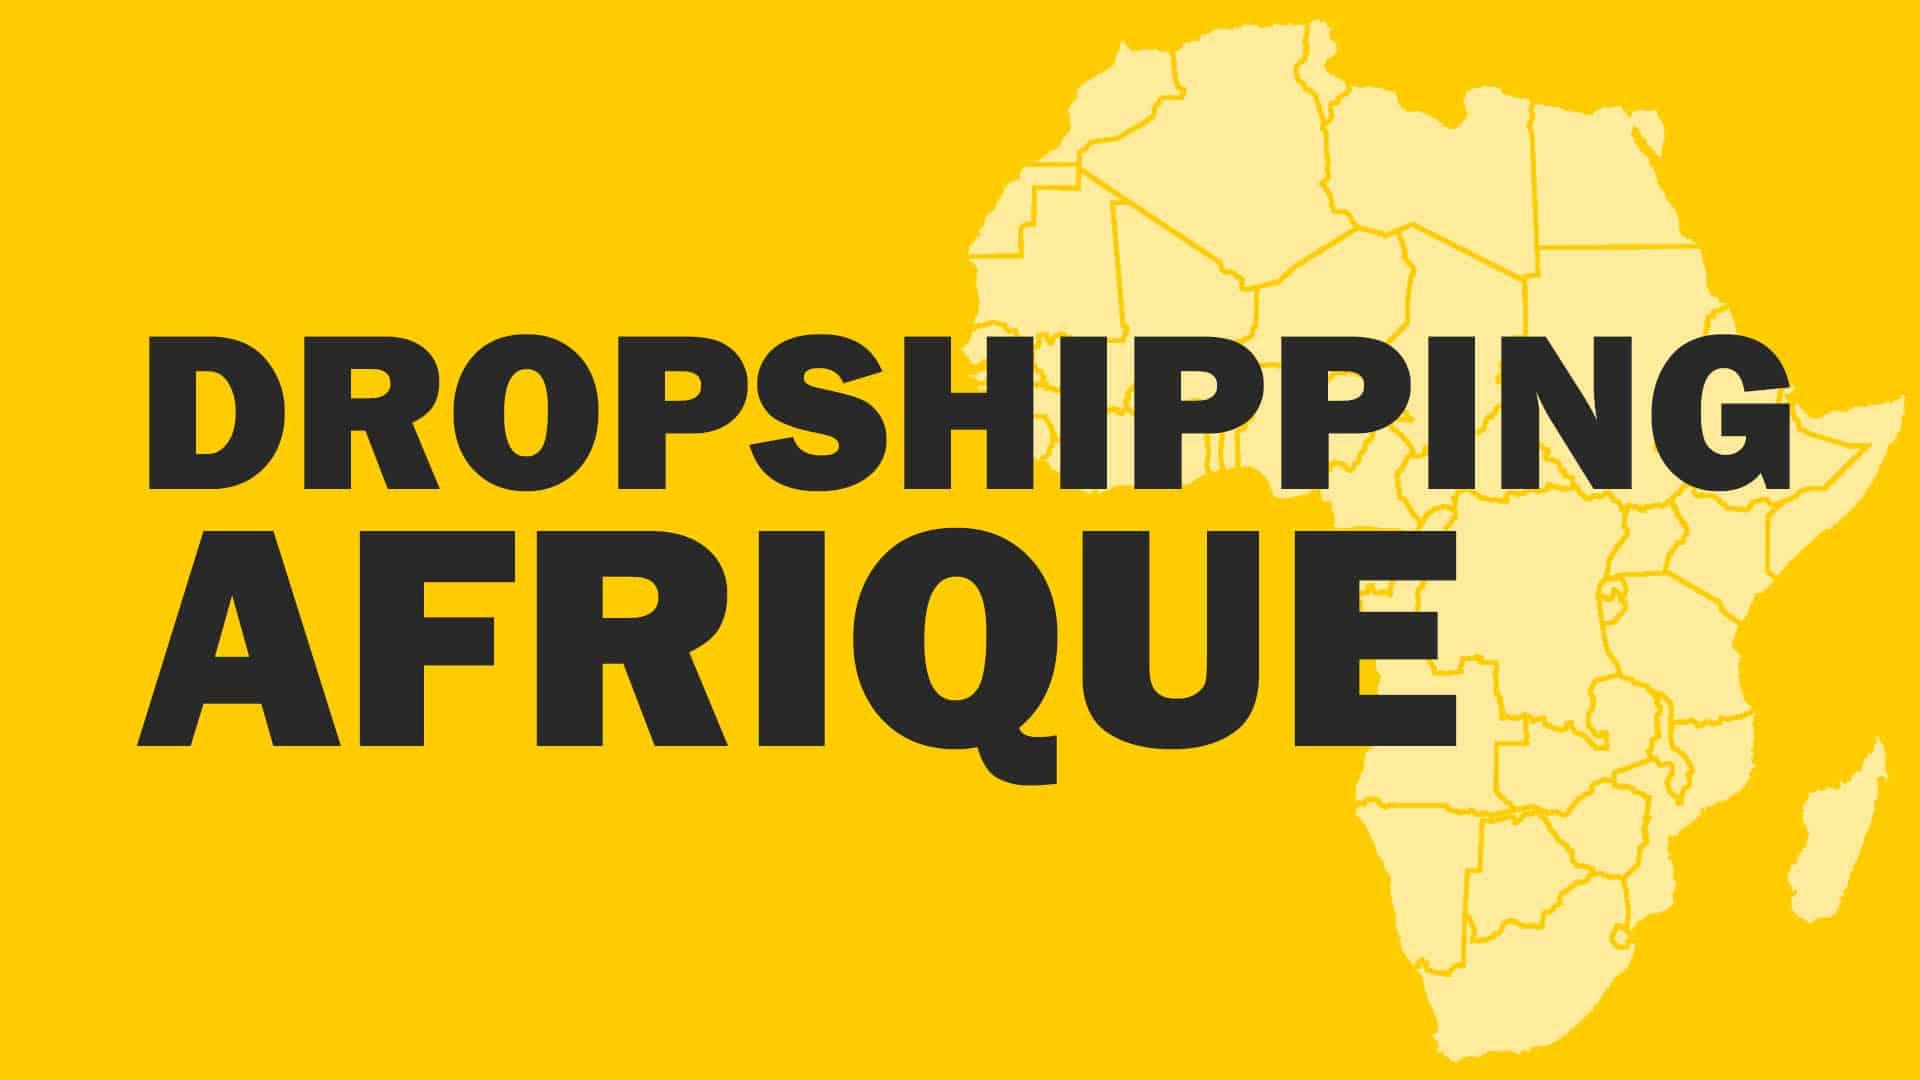 𝔽𝔸𝕀ℝ𝔼 𝔻𝕌 dropshipping en Afrique, est-ce possible ?